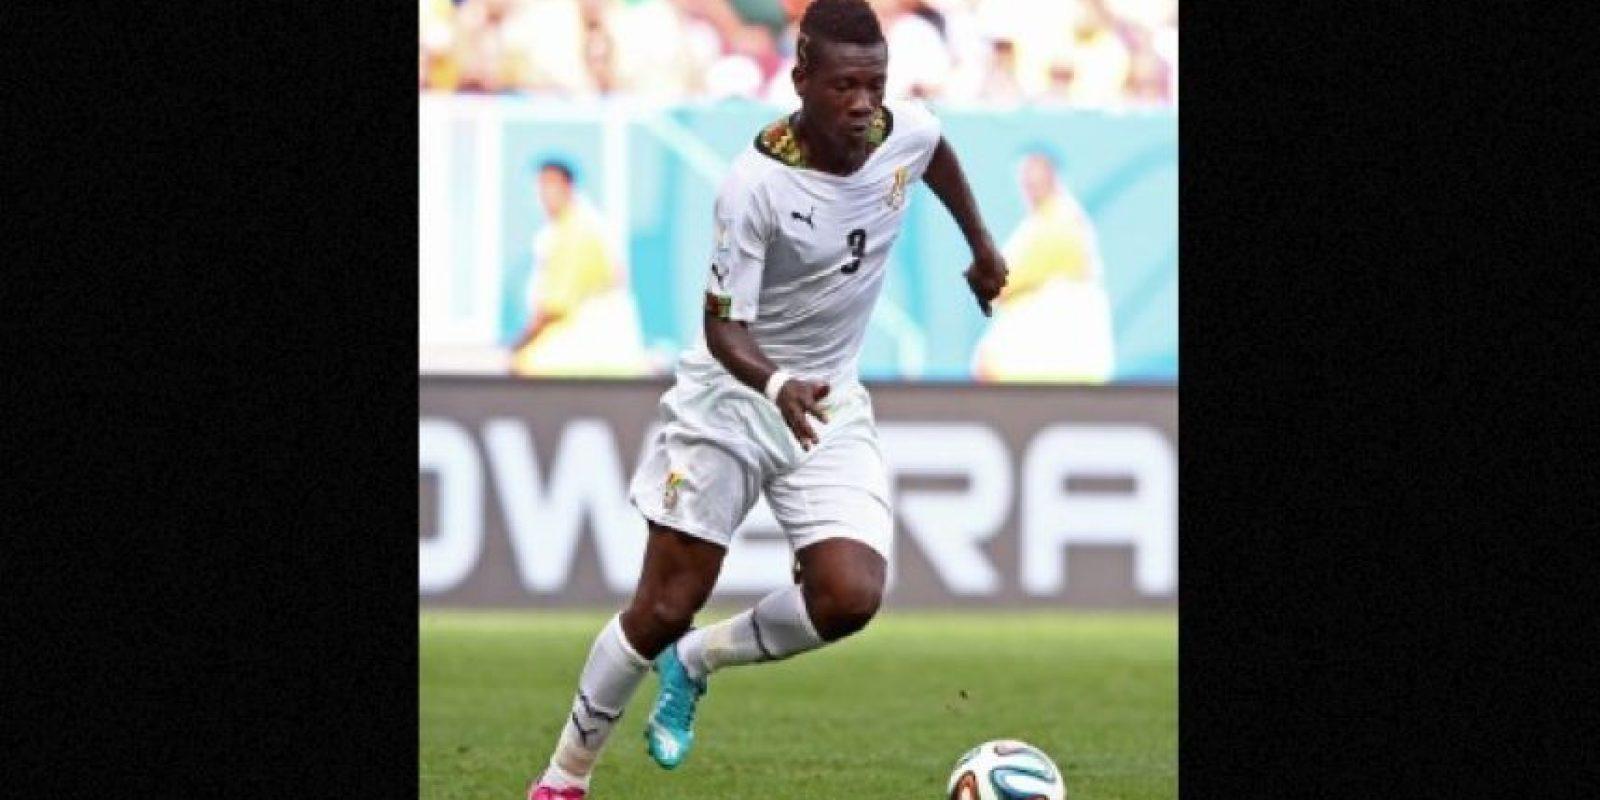 El futbolista de Ghana, Asamoah Gyan, fue acusado de haber sacrificado al rapero Castro en un ritual realizado en su casa. Foto:Getty Images